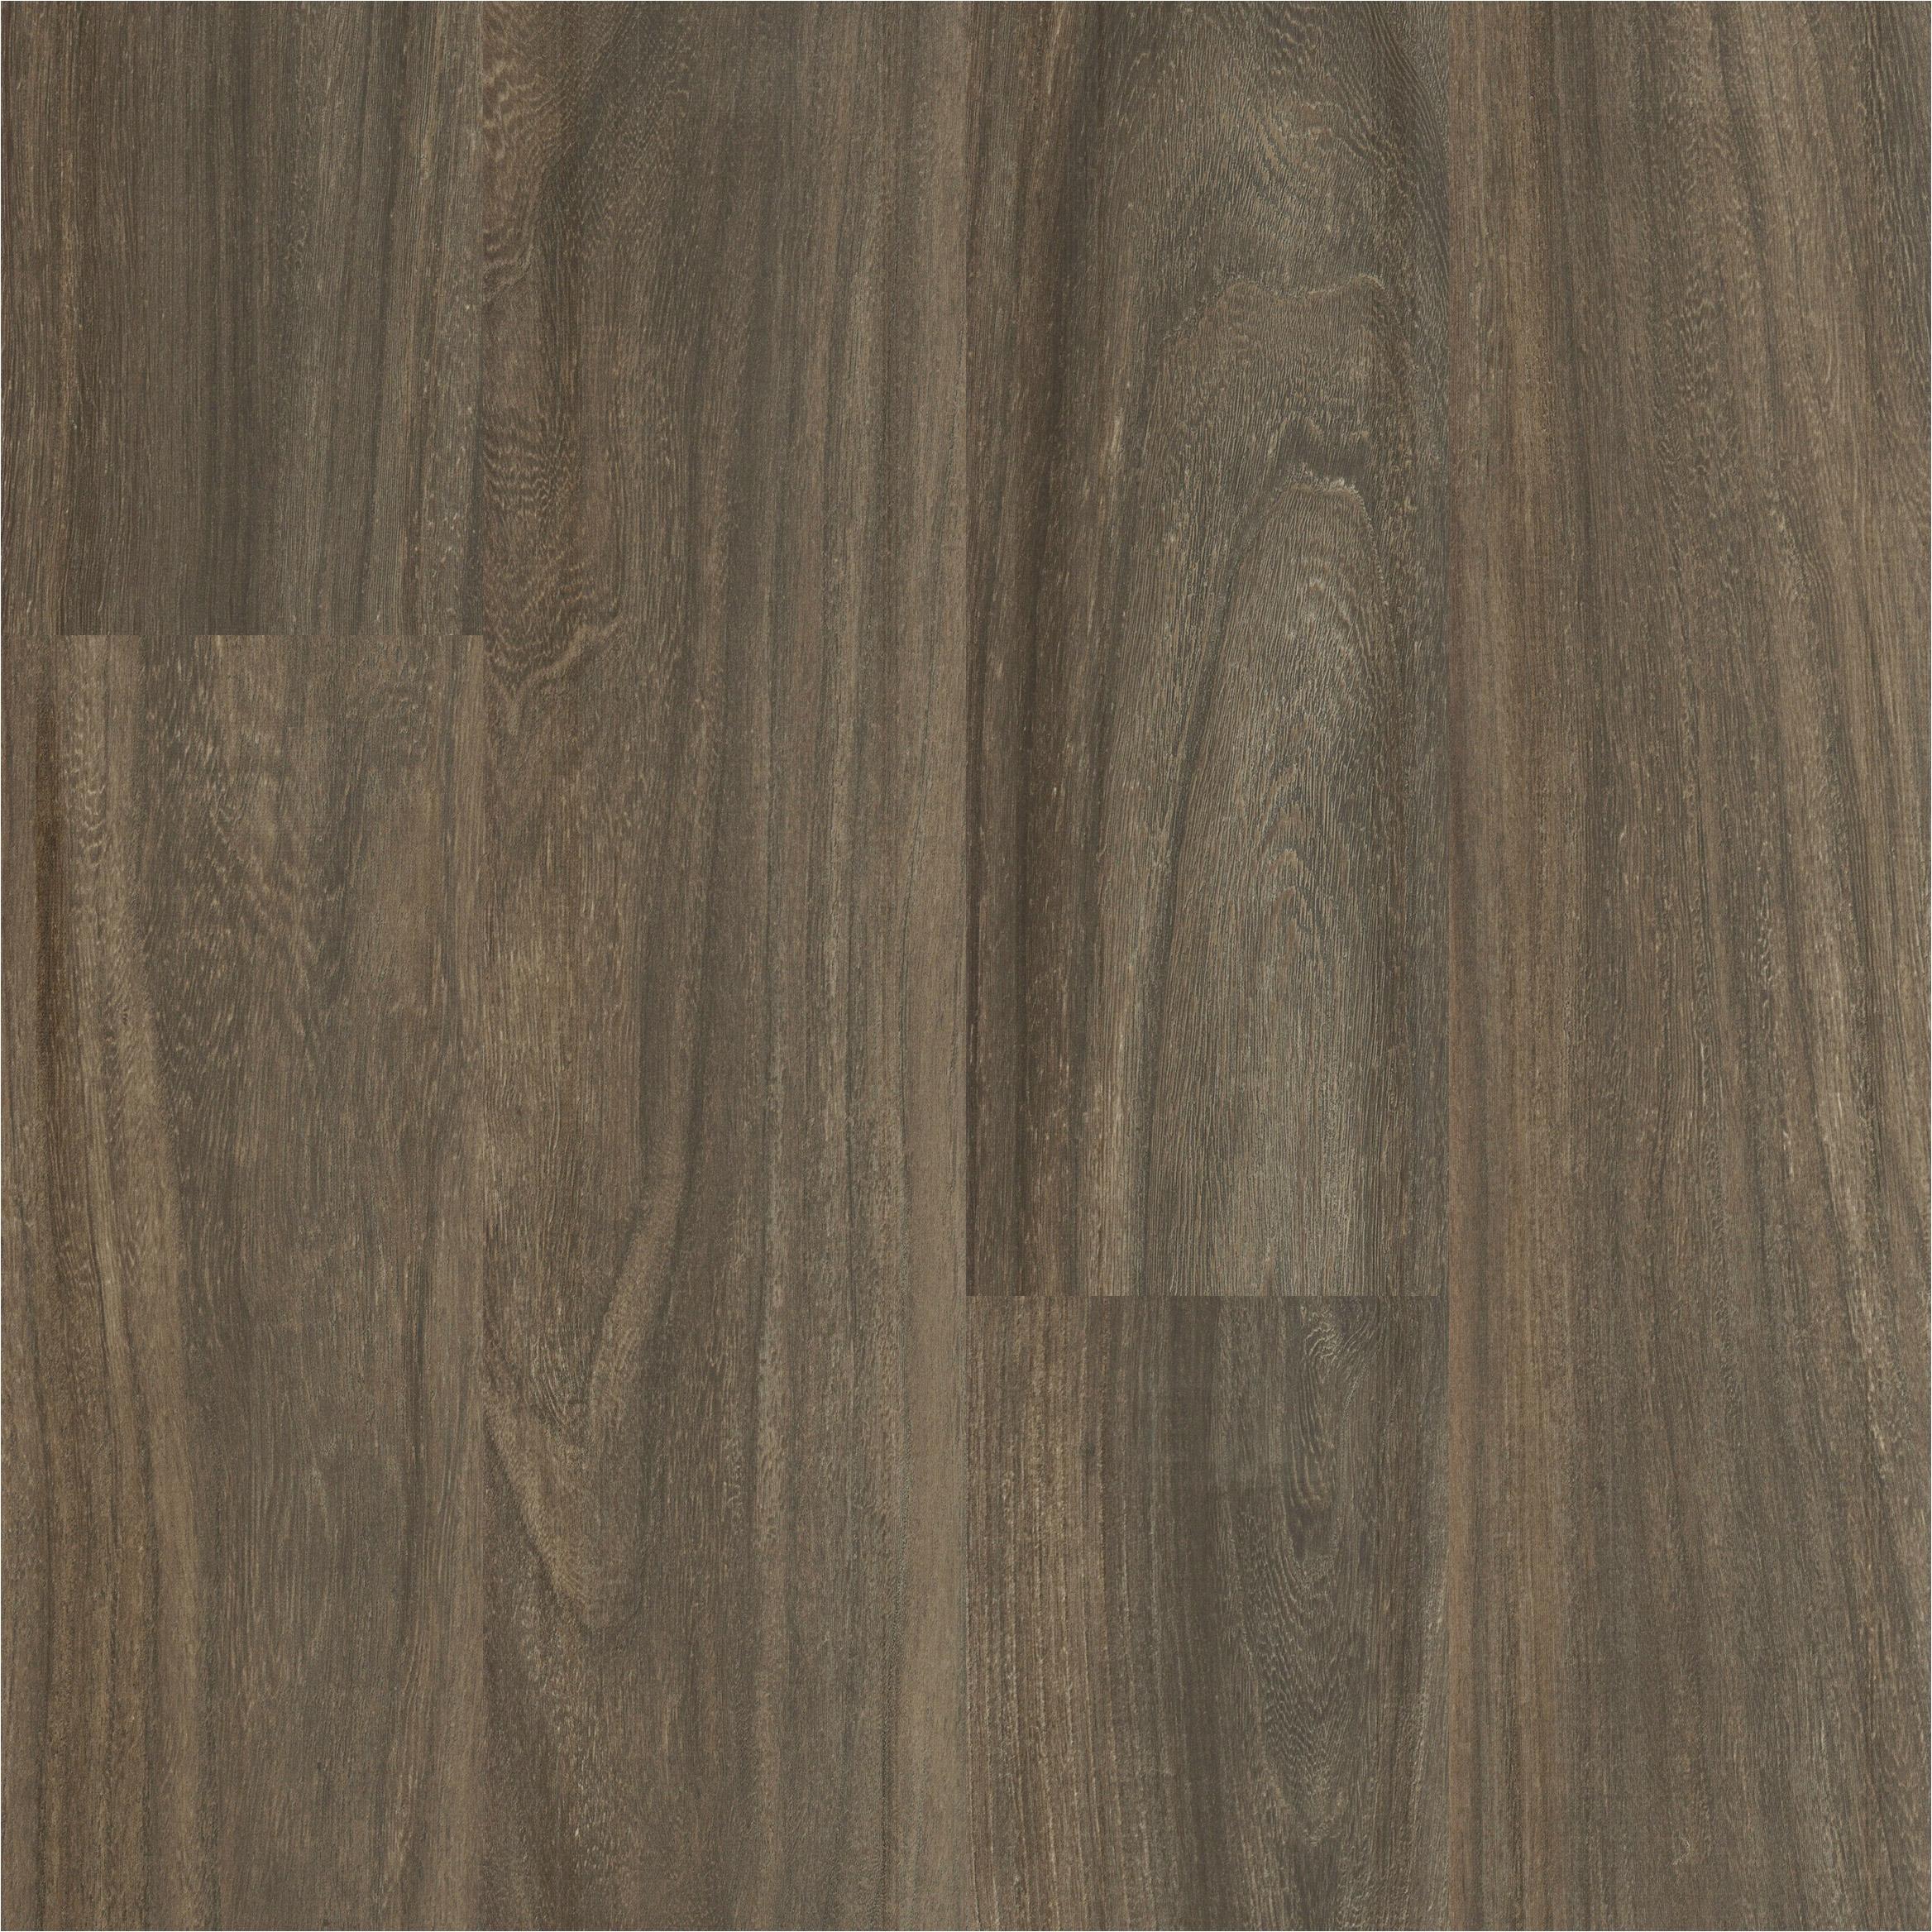 Best Click together Vinyl Plank Flooring Moduleo Vision Click together Big Leaf Maple 60068